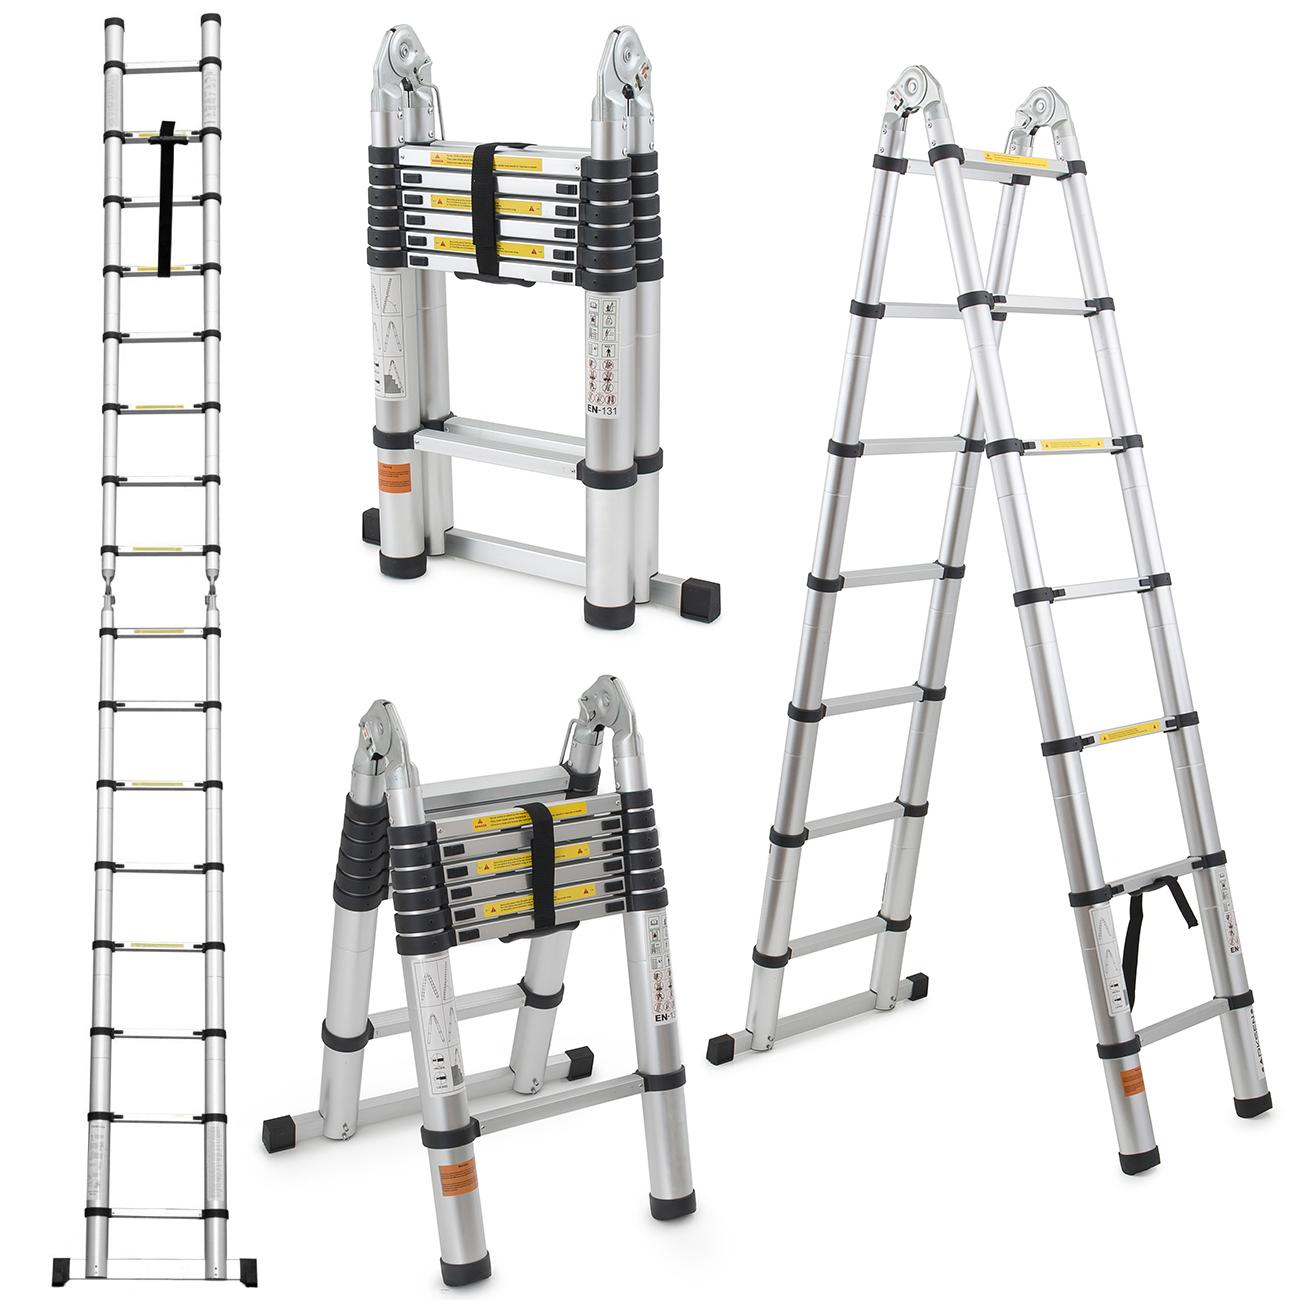 14 Ft Aluminum Ladders : Multi purpose ft aluminum telescopic ladder